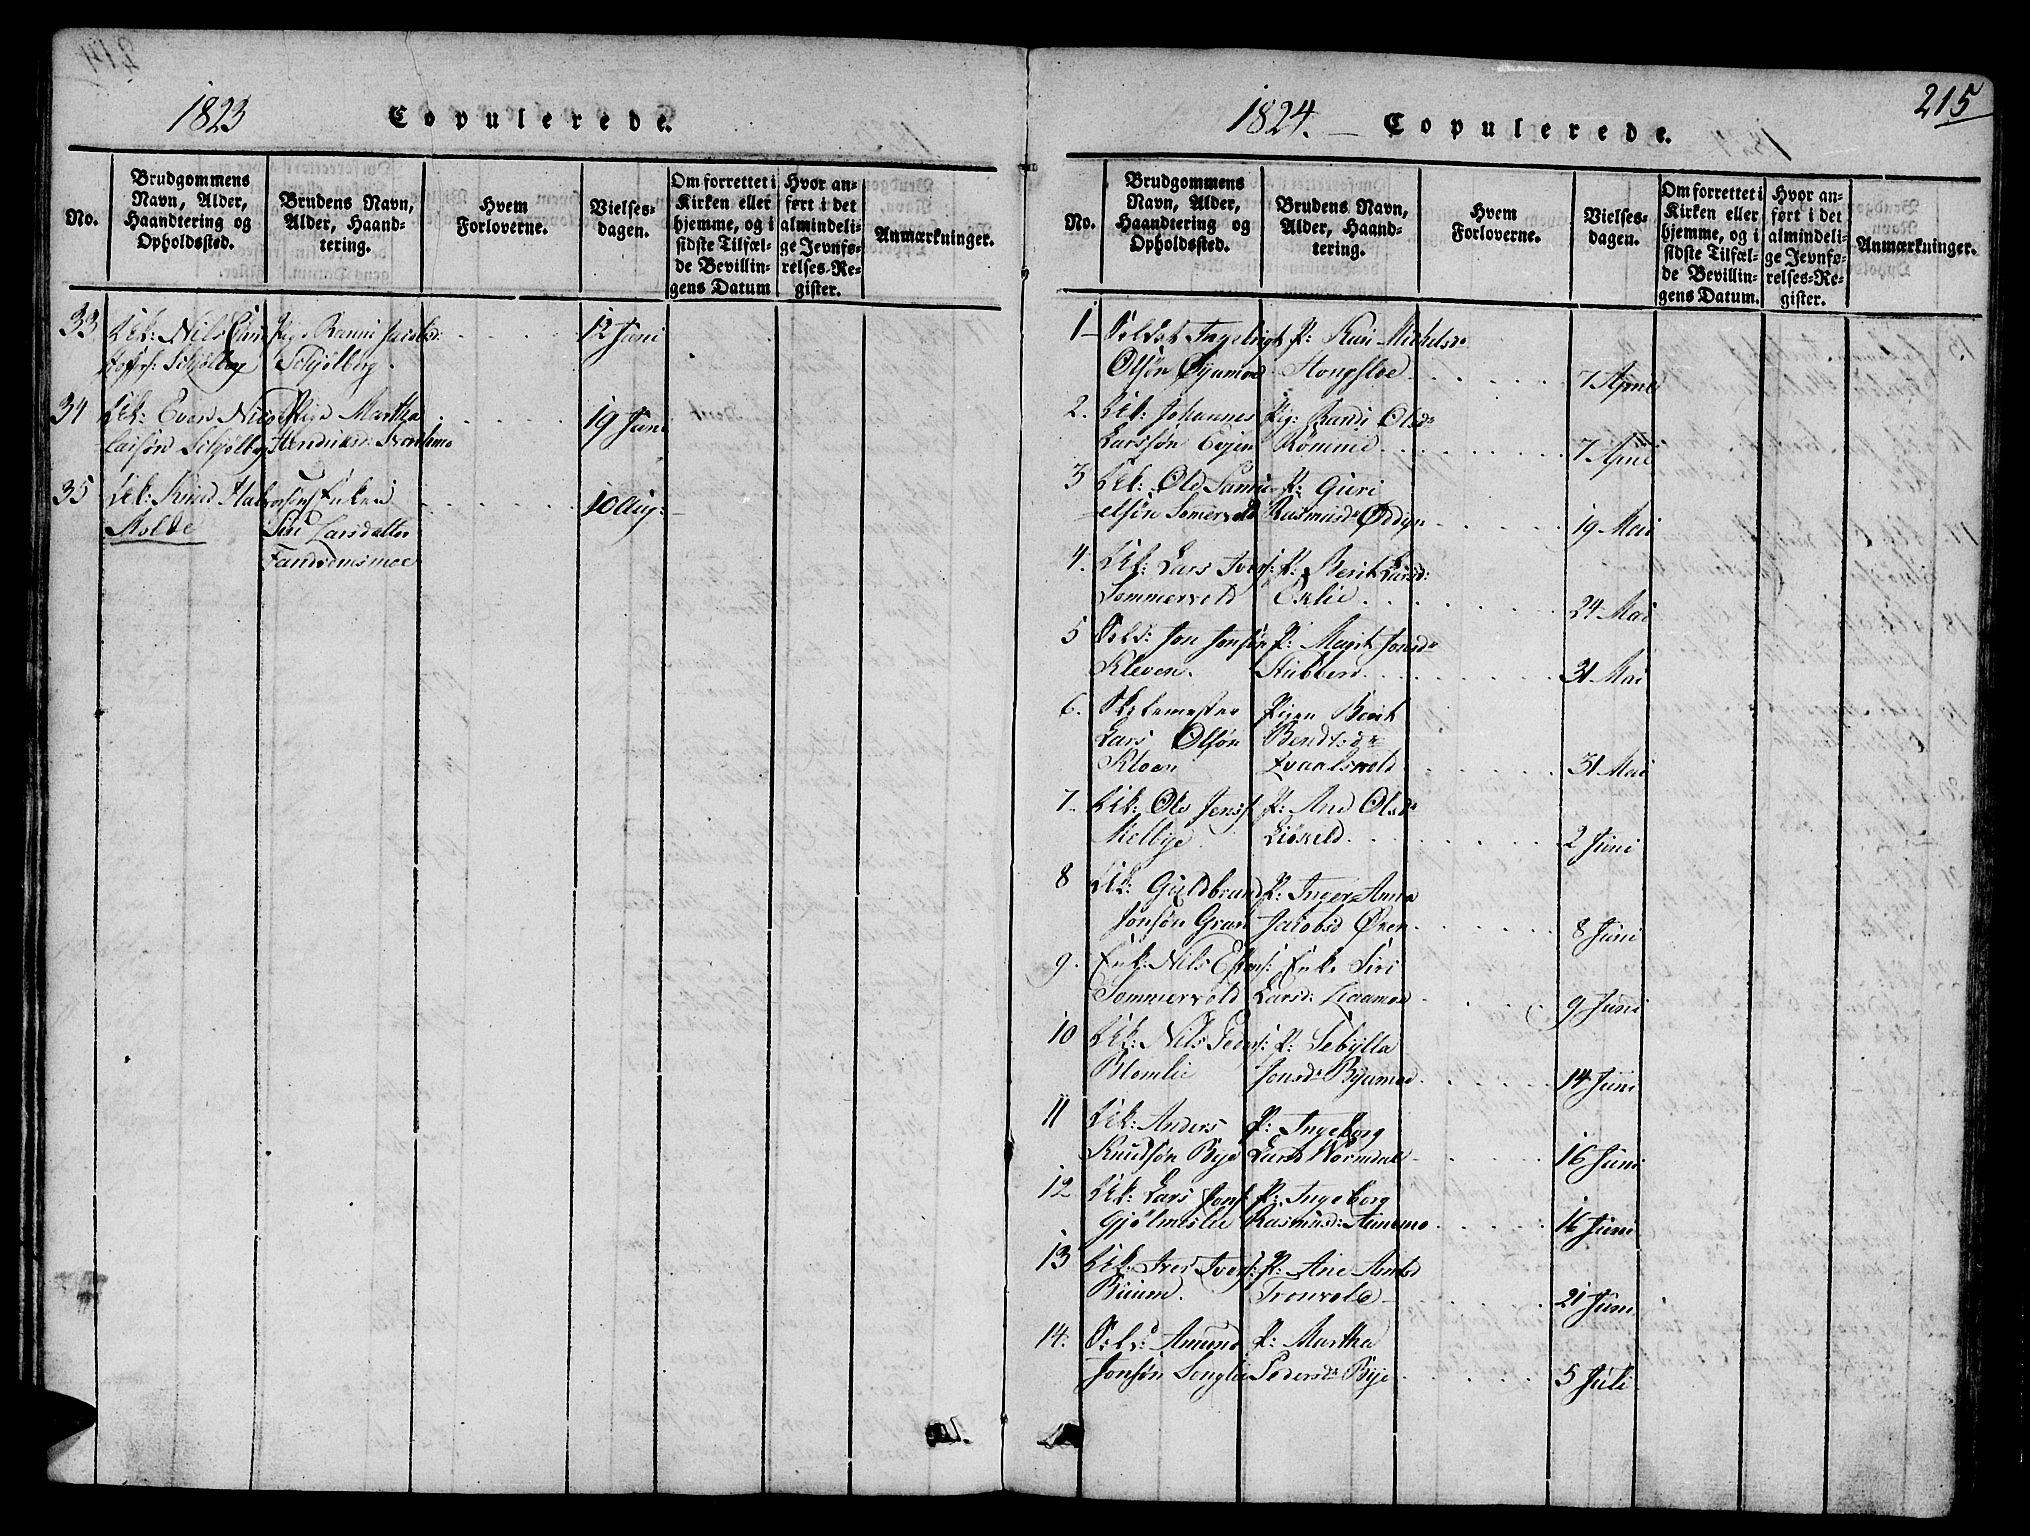 SAT, Ministerialprotokoller, klokkerbøker og fødselsregistre - Sør-Trøndelag, 668/L0803: Ministerialbok nr. 668A03, 1800-1826, s. 215